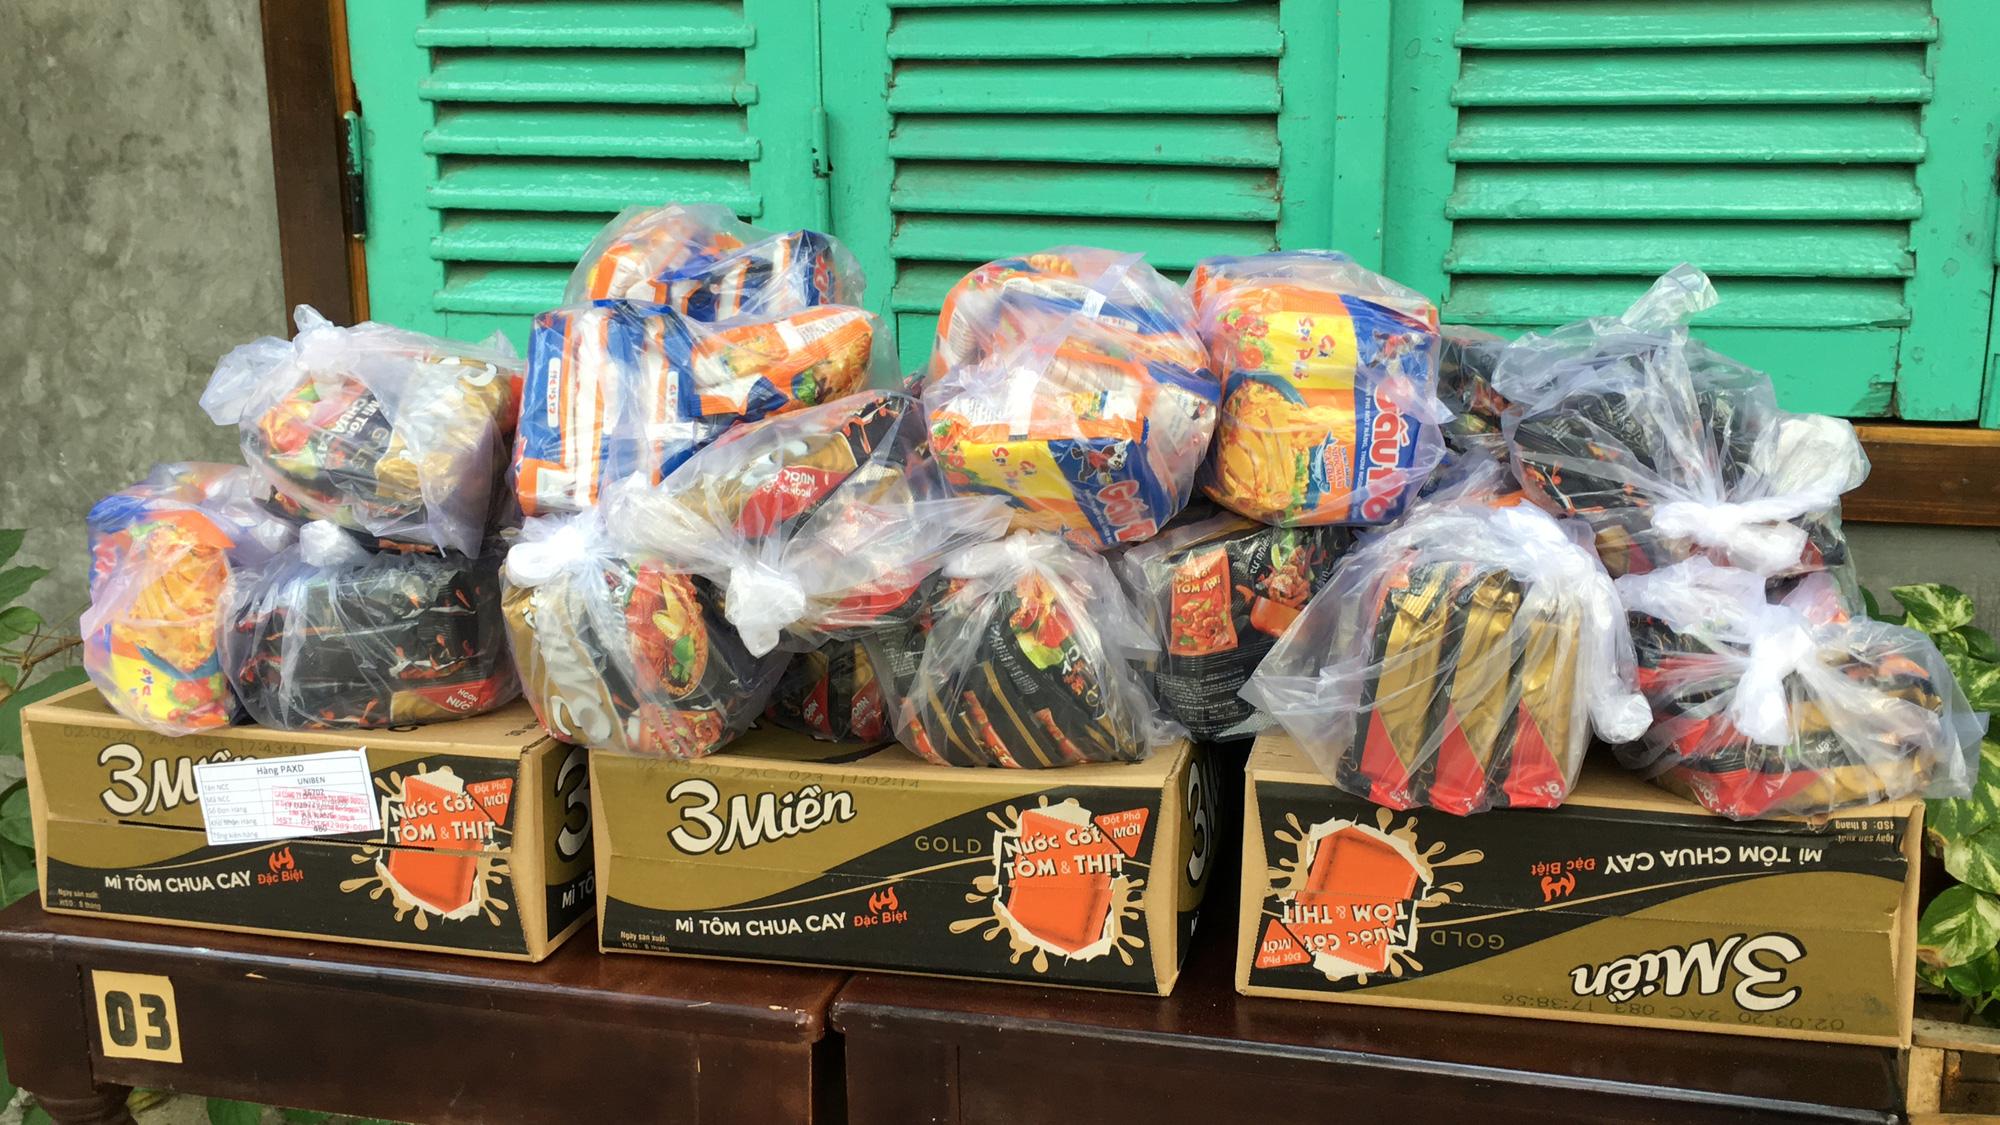 Từ quán cà phê, bánh ngọt đến trà sữa ở Đà Nẵng dừng luôn việc bán online, mang đi khi chính quyền cấm - Ảnh 18.